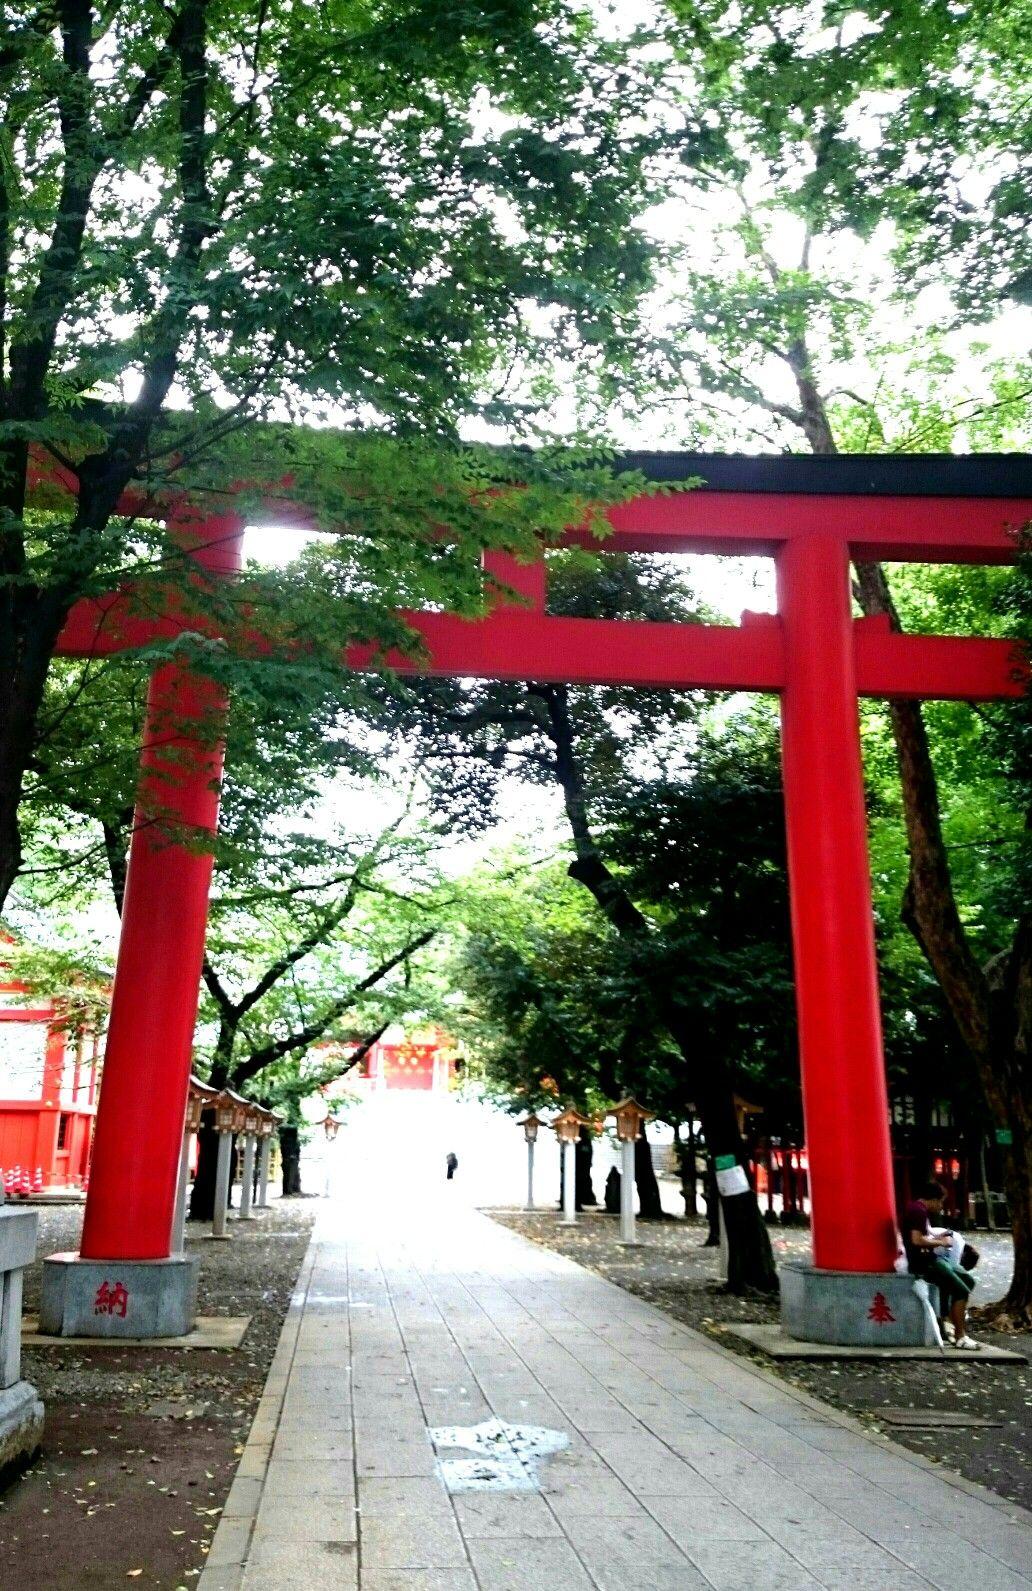 花園神社 Hanazono Temple / Sinjuku, Tokyo, Japan